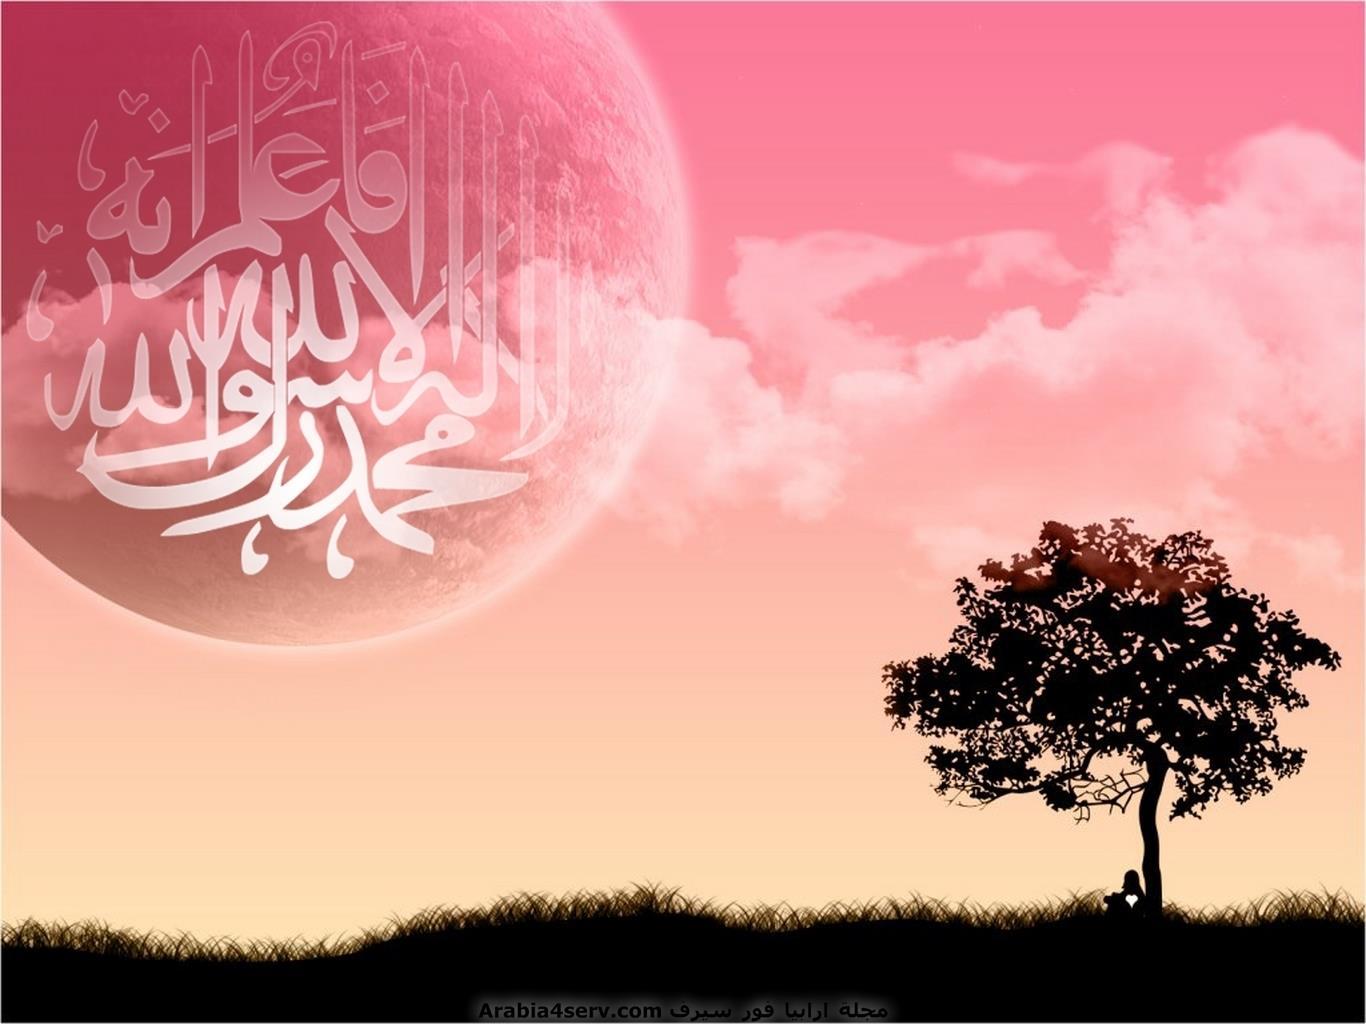 خلفيات-اسلامية-طبيعية-للتحميل-جميلة-جدا-1